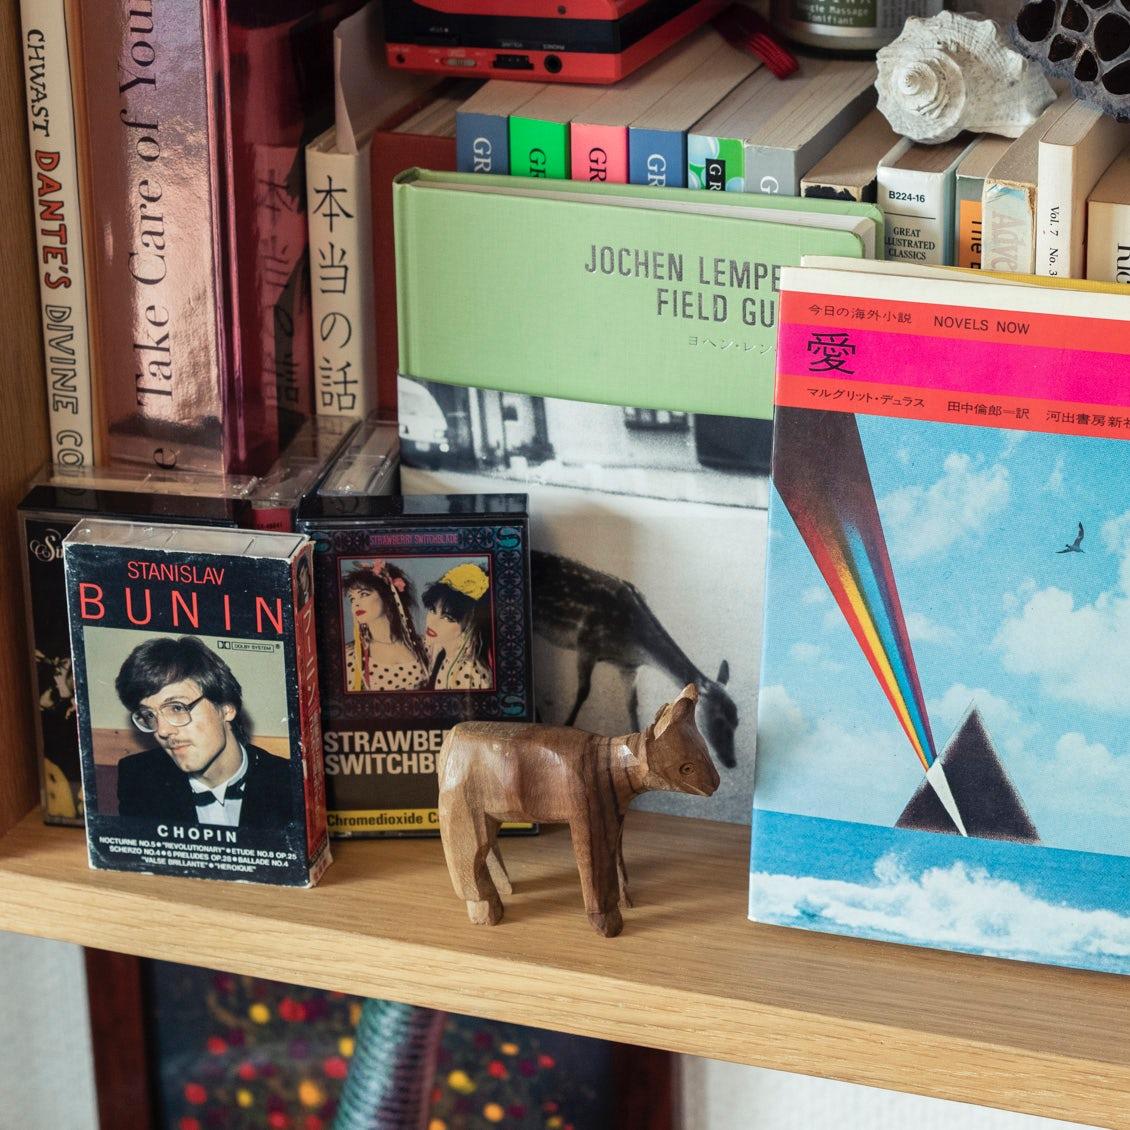 【本棚を主役に】「余白」と「壁」がポイント?本棚が垢抜ける、雑貨のしつらえ4つのコツ